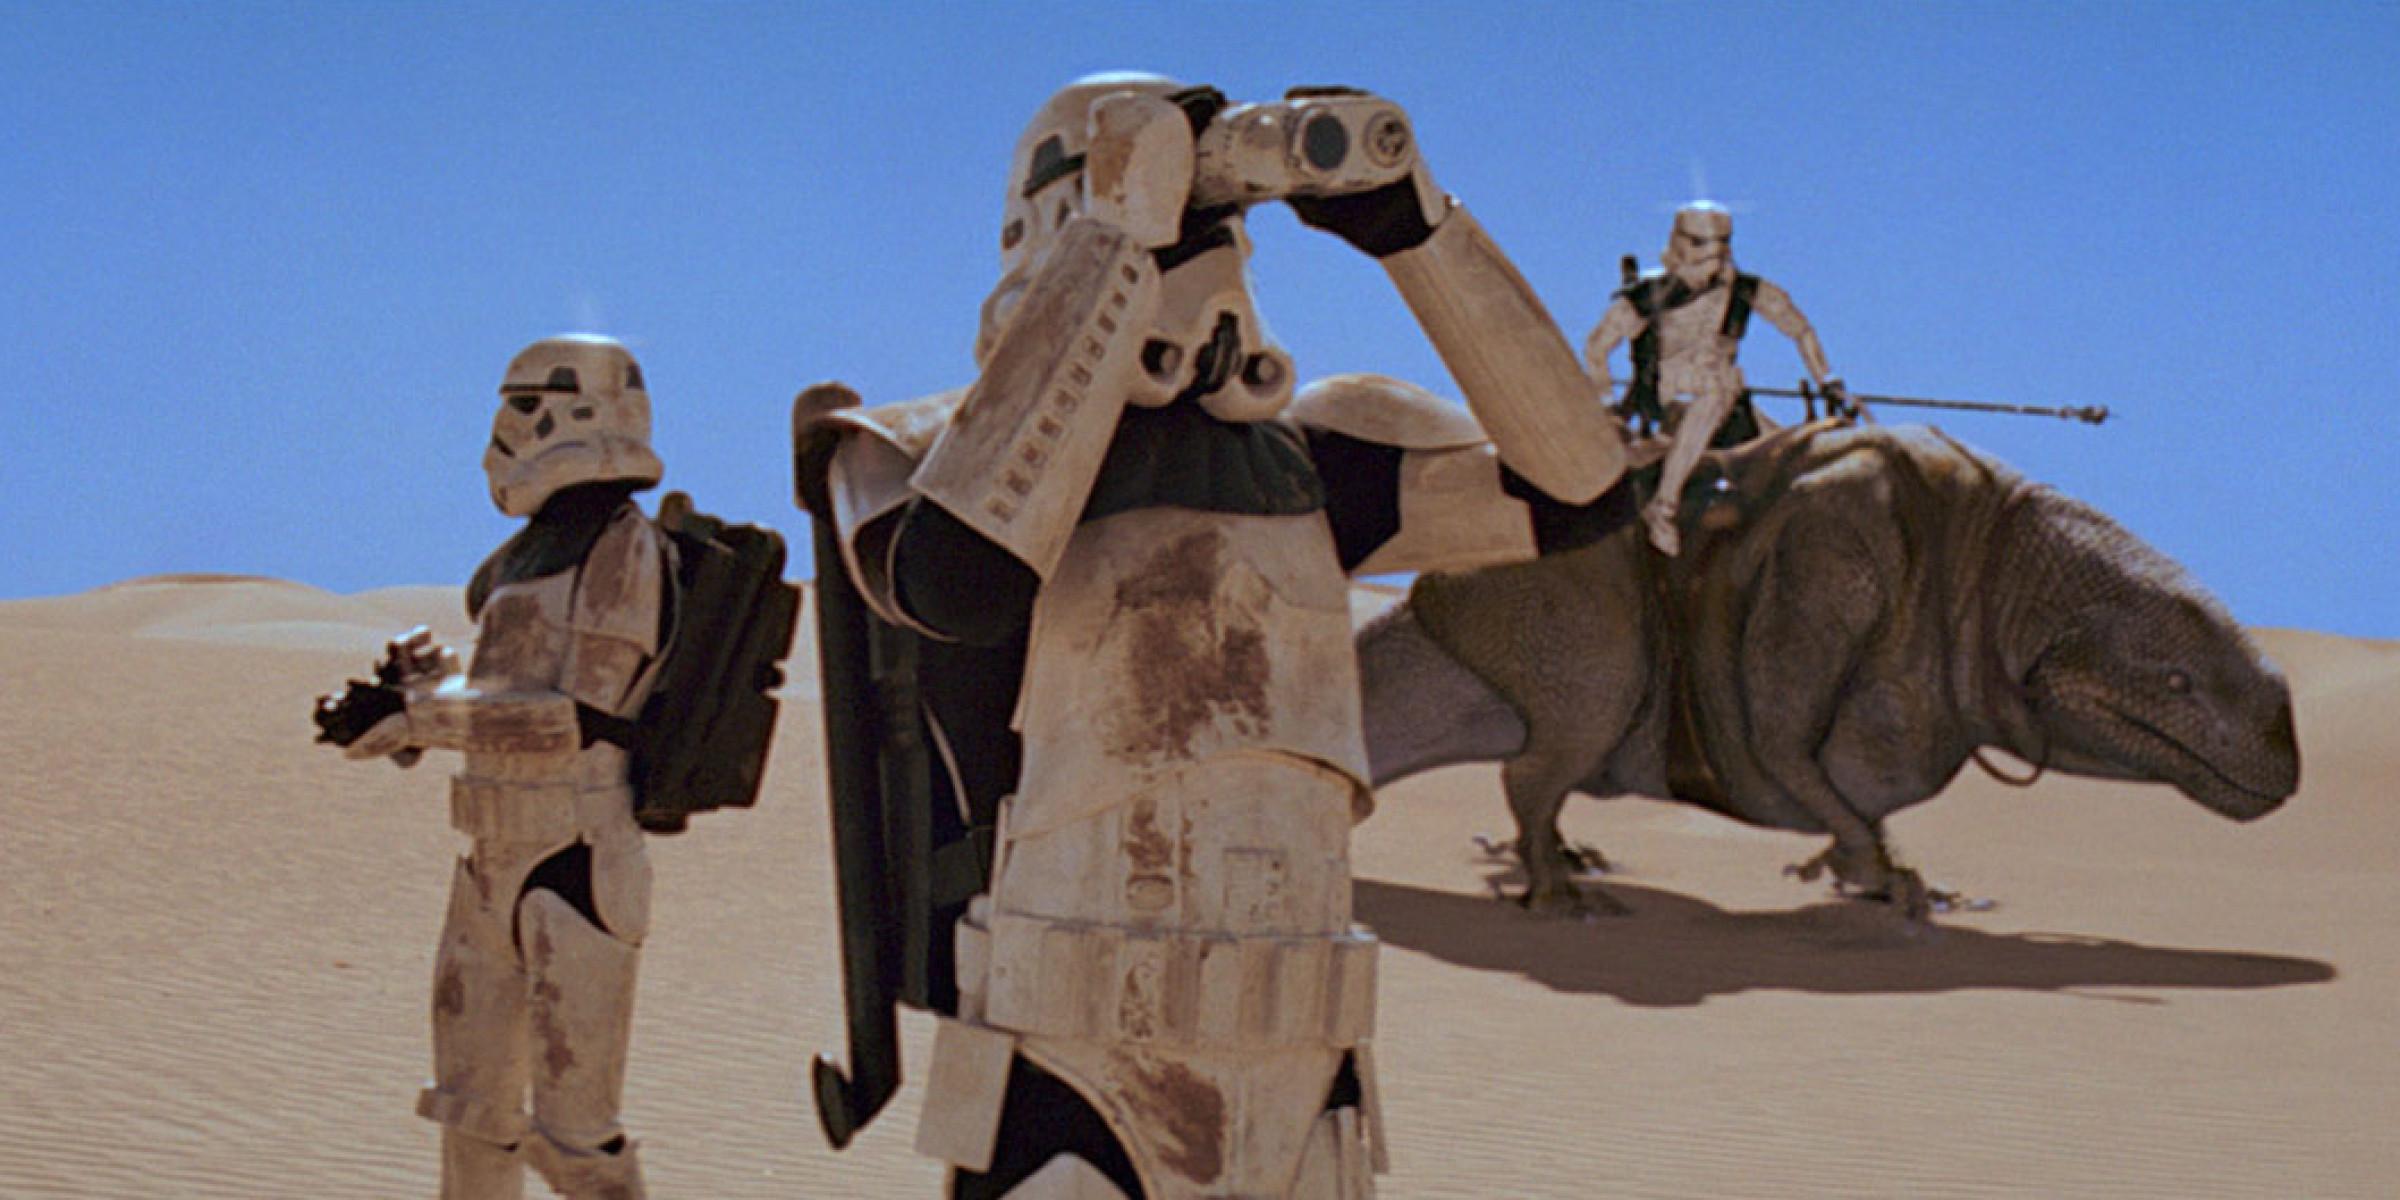 sandtroopers-2400x1200-469626918295.jpg